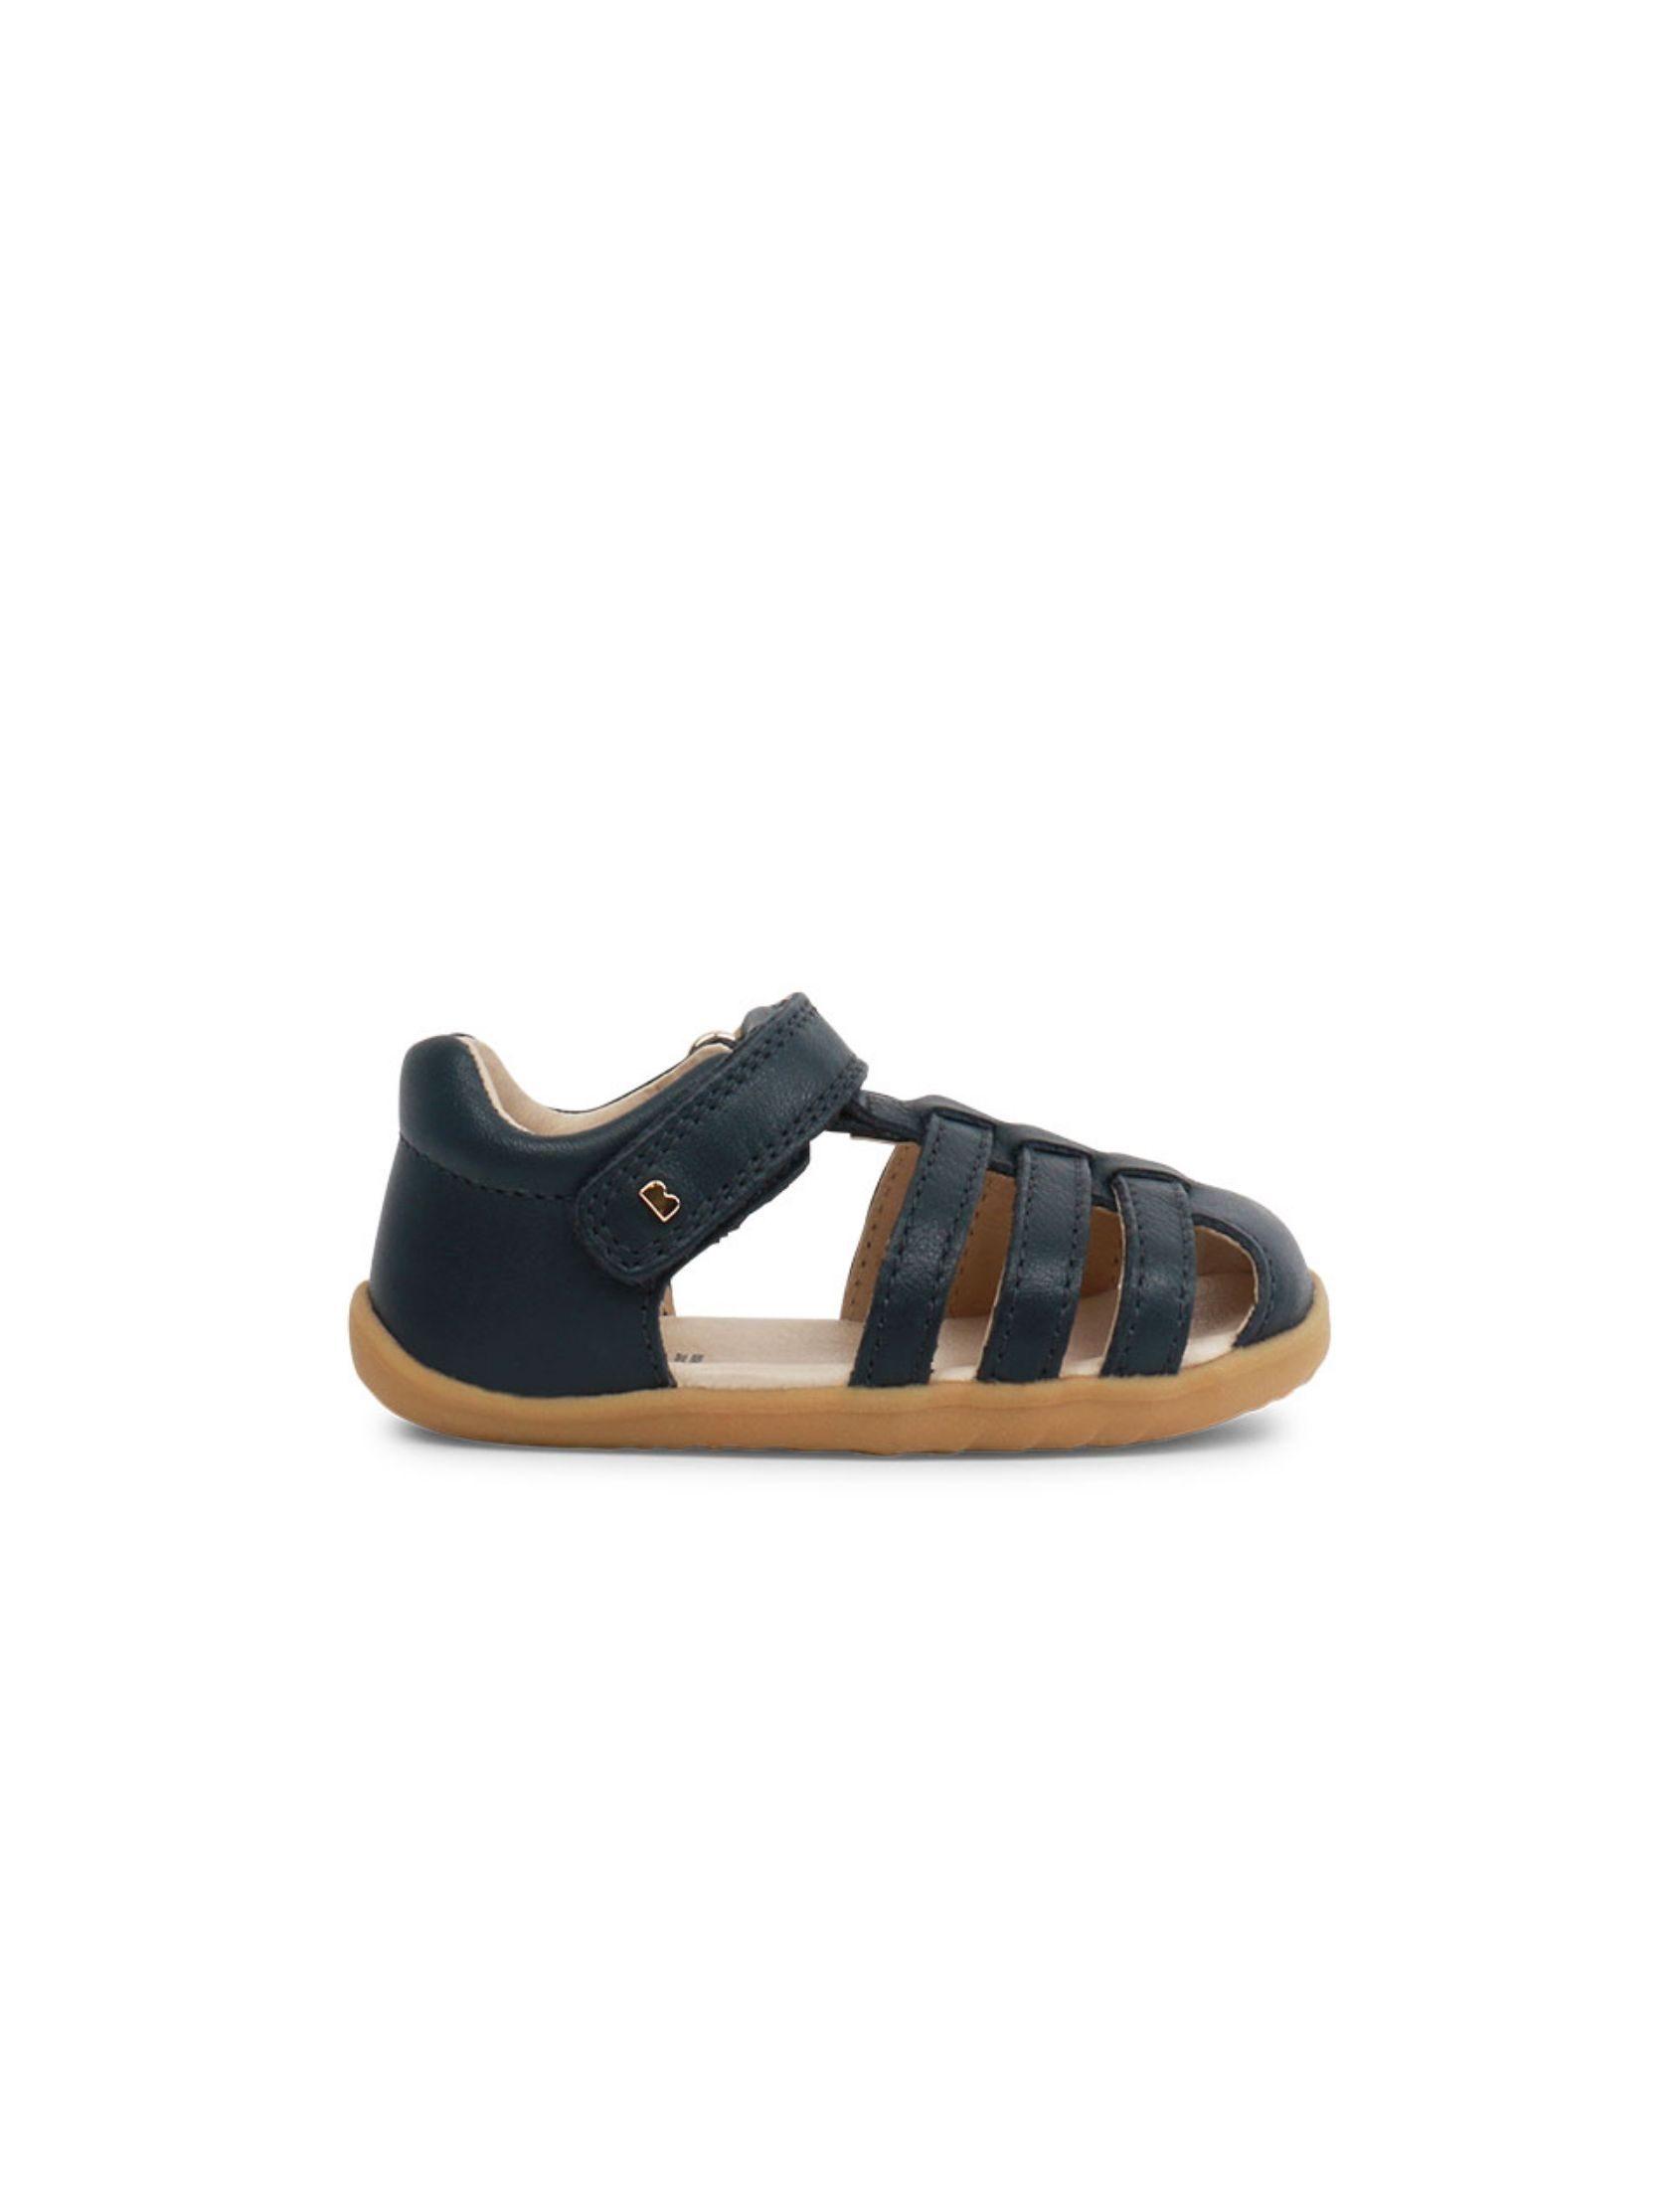 Sandalia Step up jump en color azul navy para niño y niña con suela marrón de estilo cangrejera